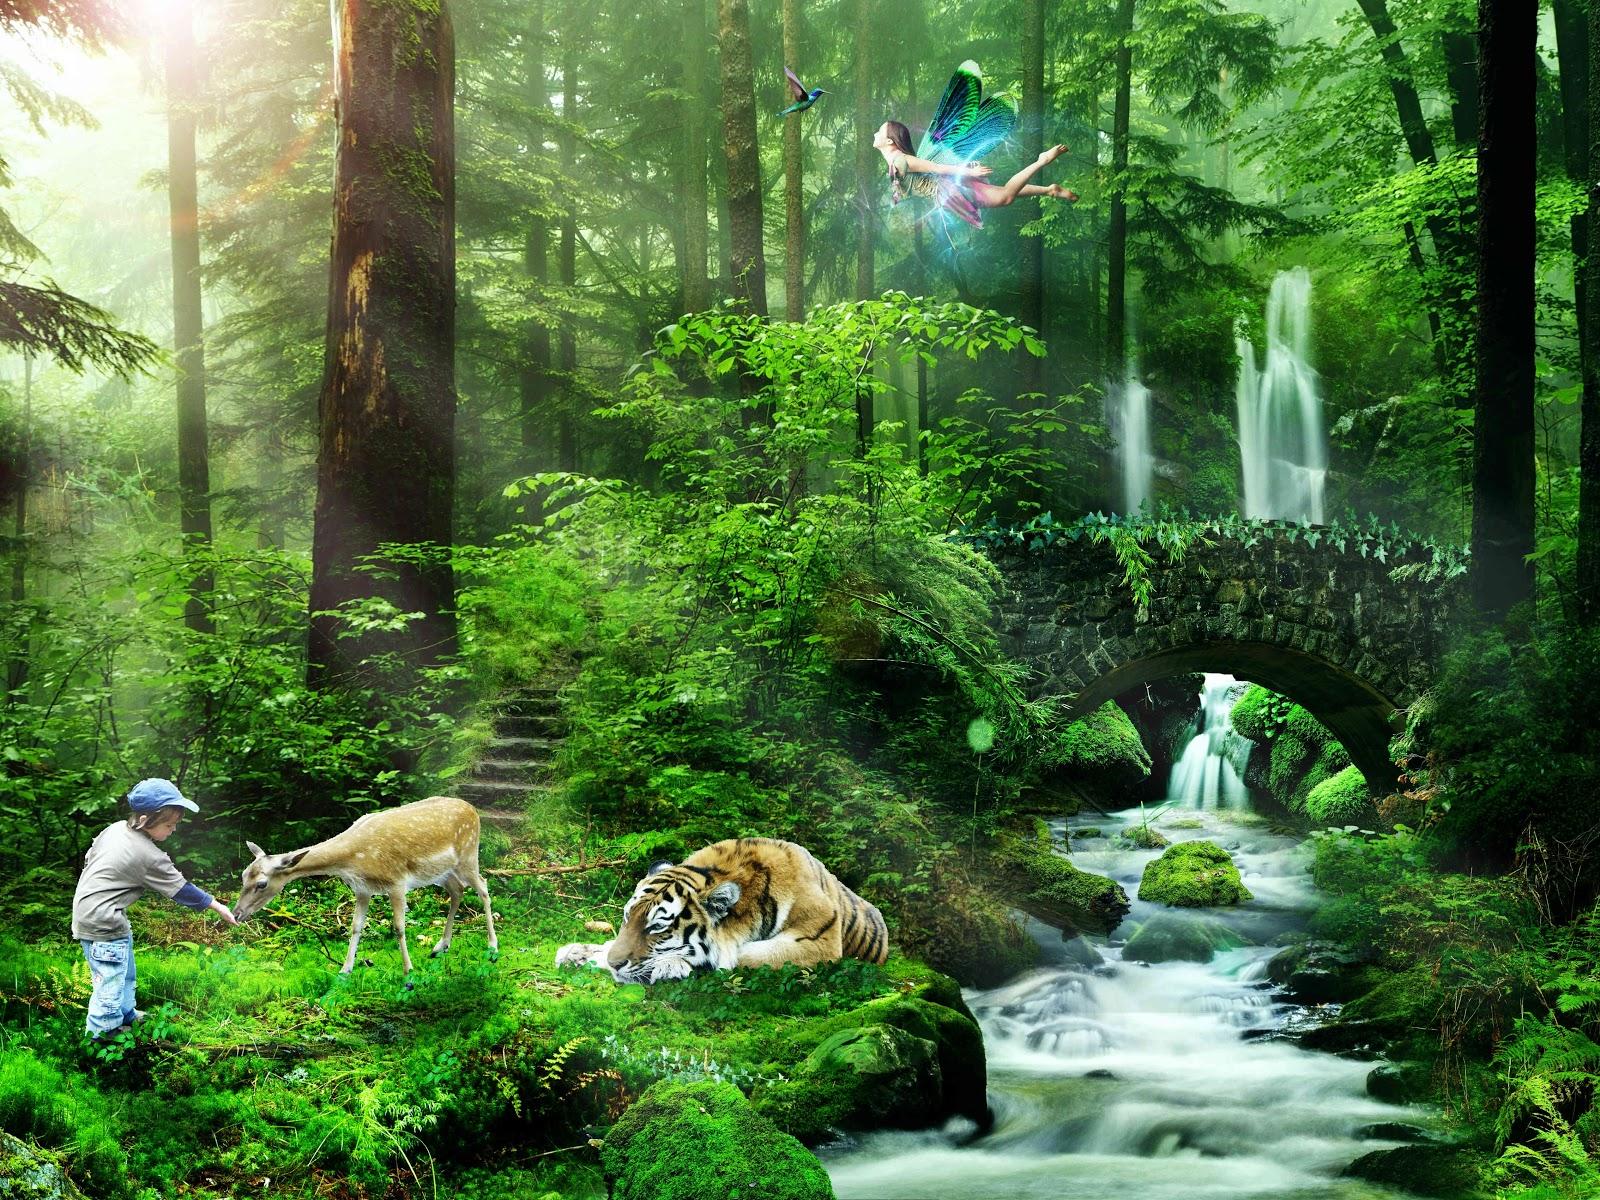 とても清々しい森の幻想的な様子